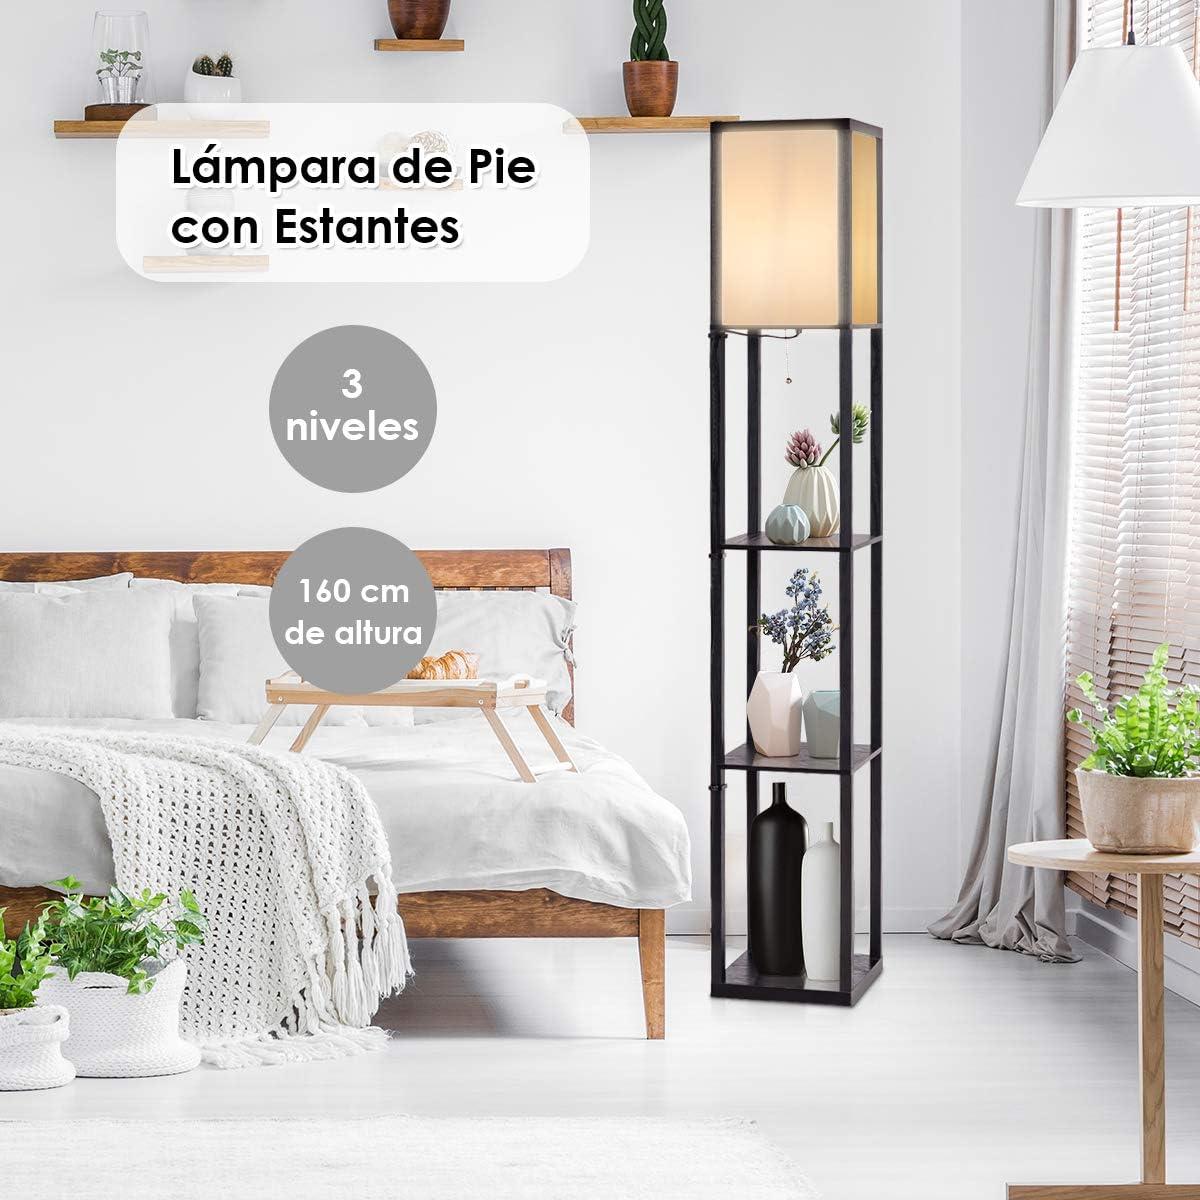 COSTWAY Estantería con Lámpara Pie con Pantalla 3 Estantes de Madera Moderna para Sofá Cama Salón Habitación Estudio Decoración: Amazon.es: Hogar